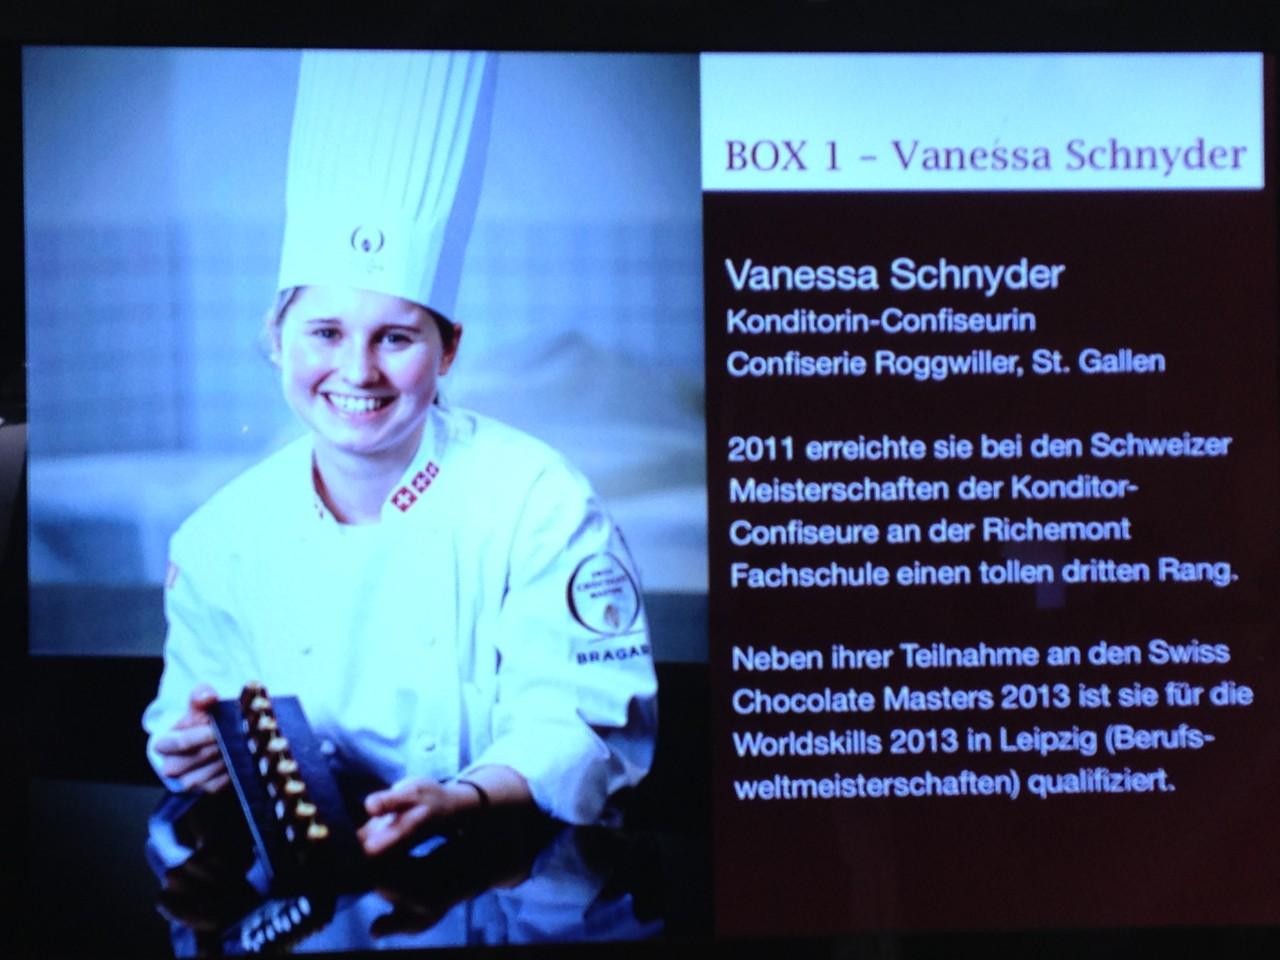 Vanessa Schnyder Teilnehmer Swiss Chocolat Masters 2013 in Bern